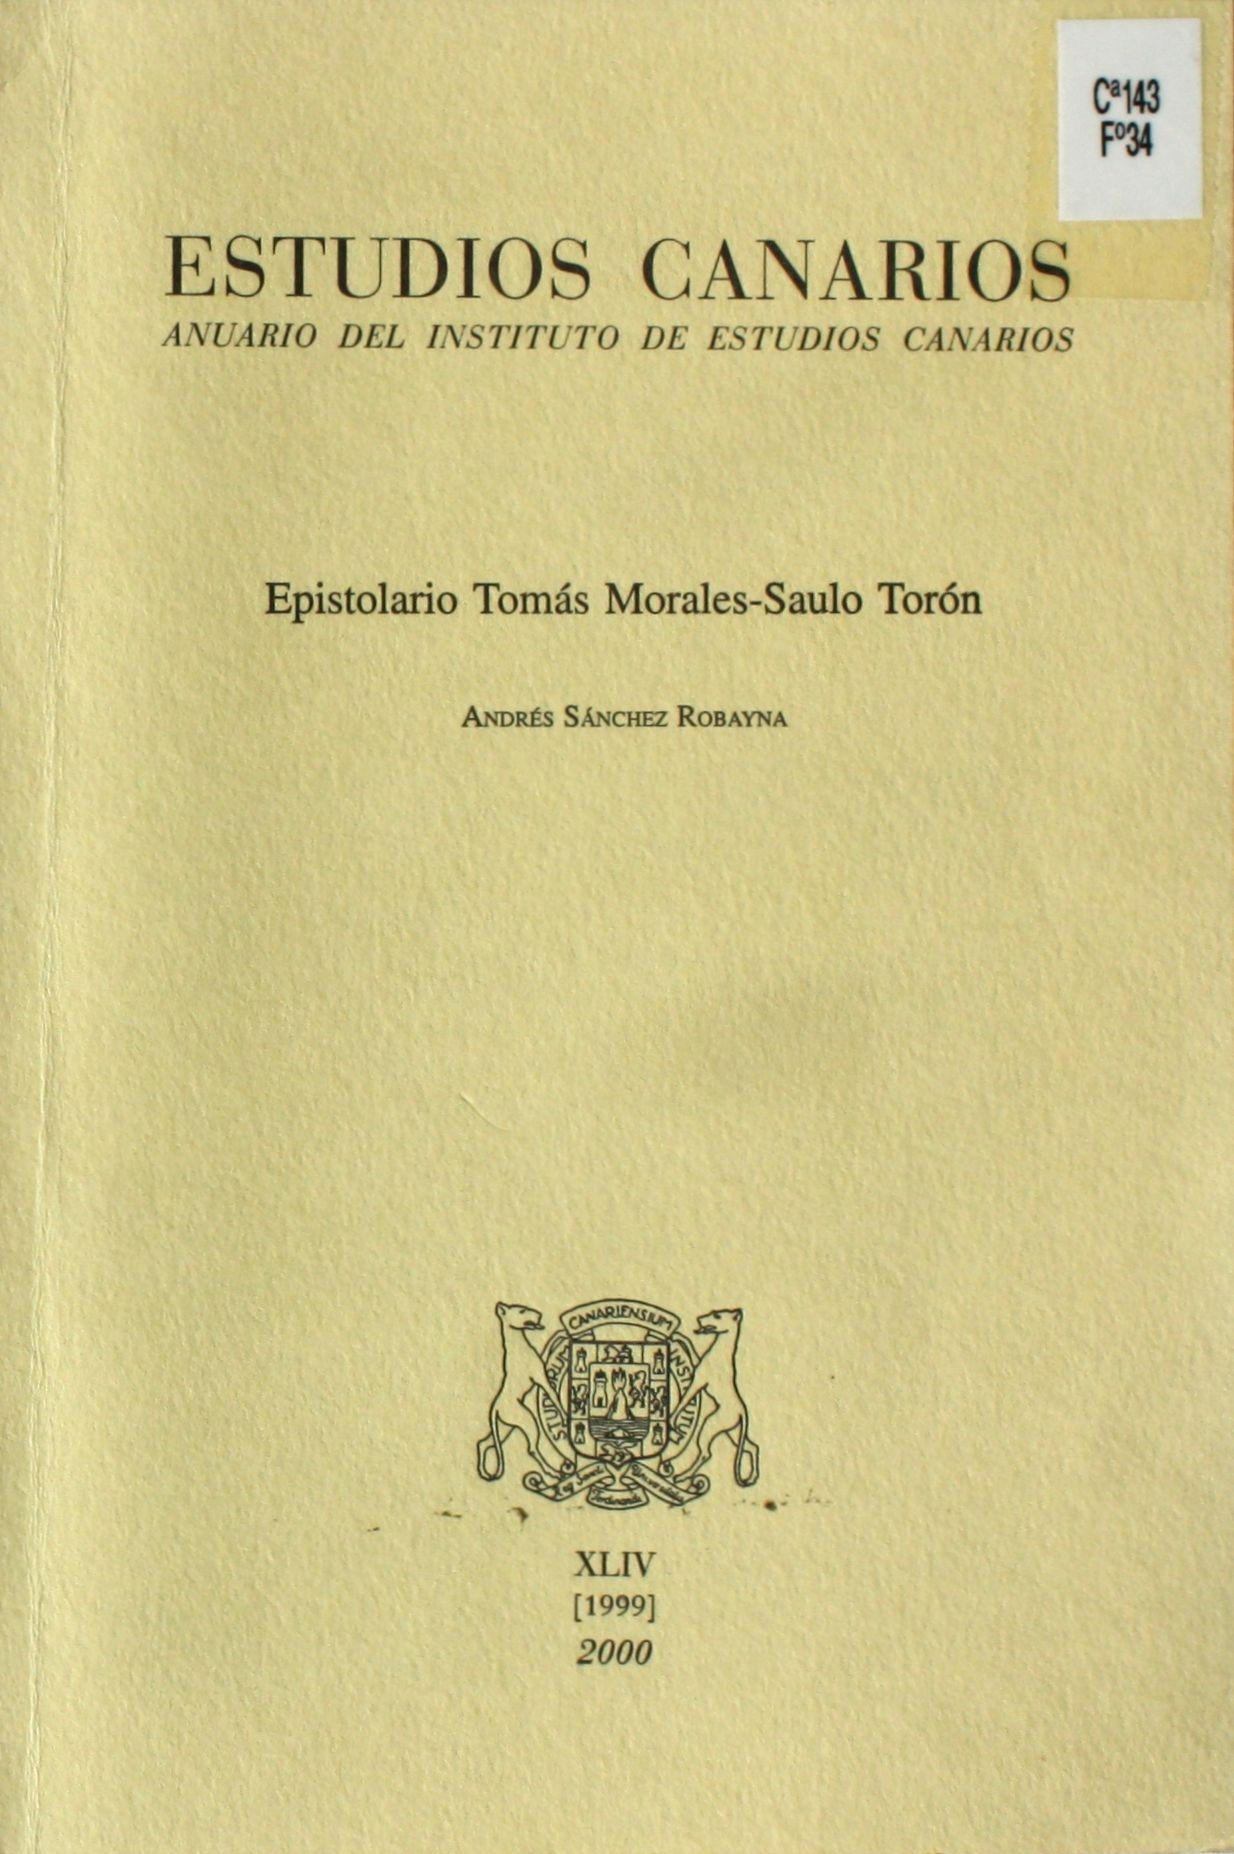 Epistolario Tomás Morales-Saulo Torón / Andrés Sánchez Robayna http://absysnetweb.bbtk.ull.es/cgi-bin/abnetopac01?TITN=196439